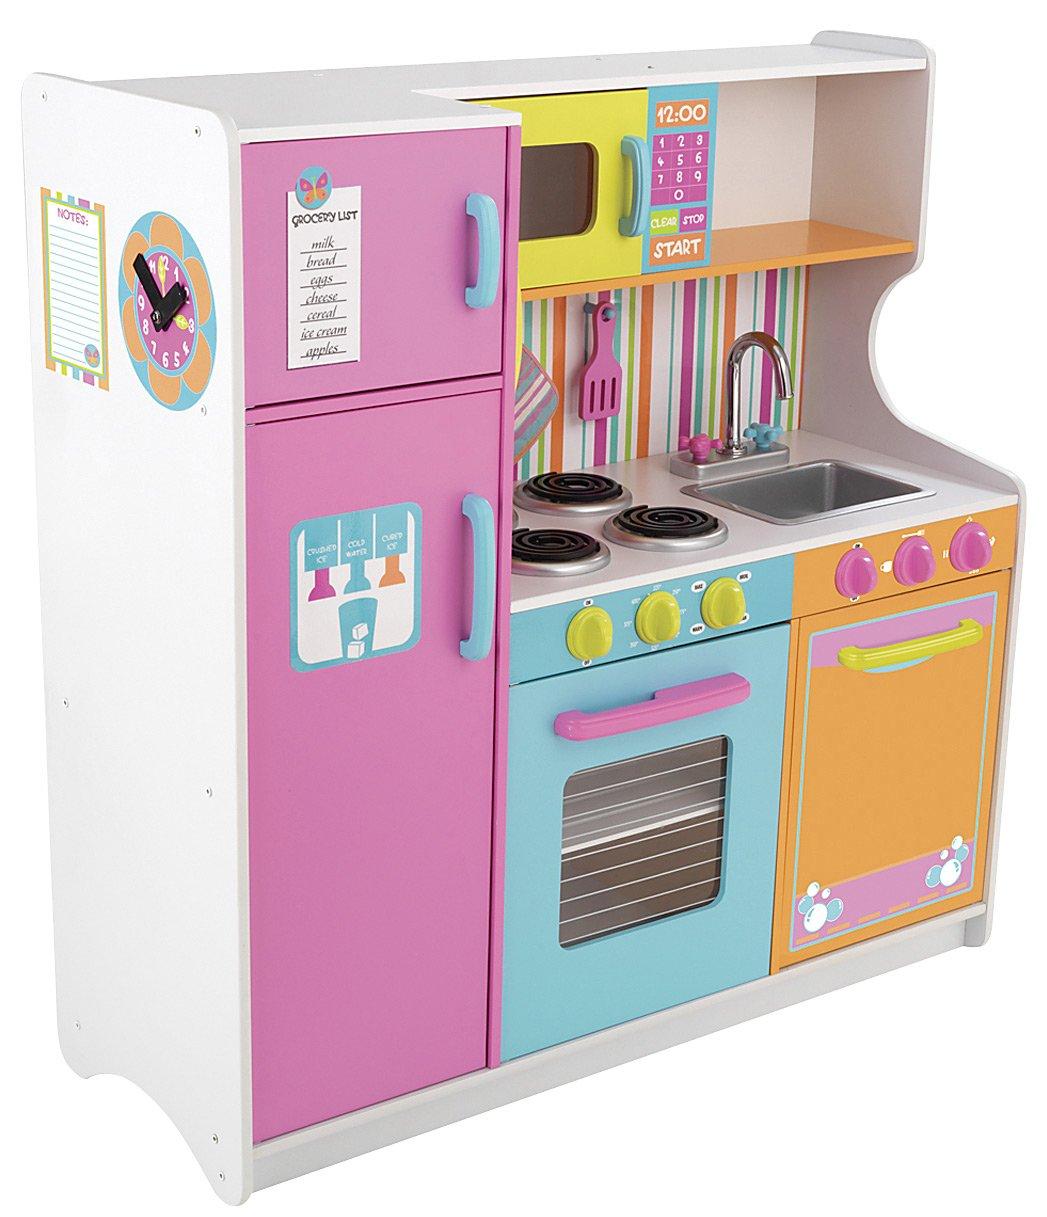 Giochi Bambini 4 Anni Le Mamme #AD6A1E 1047 1217 Cucina Etnica Per Bambini